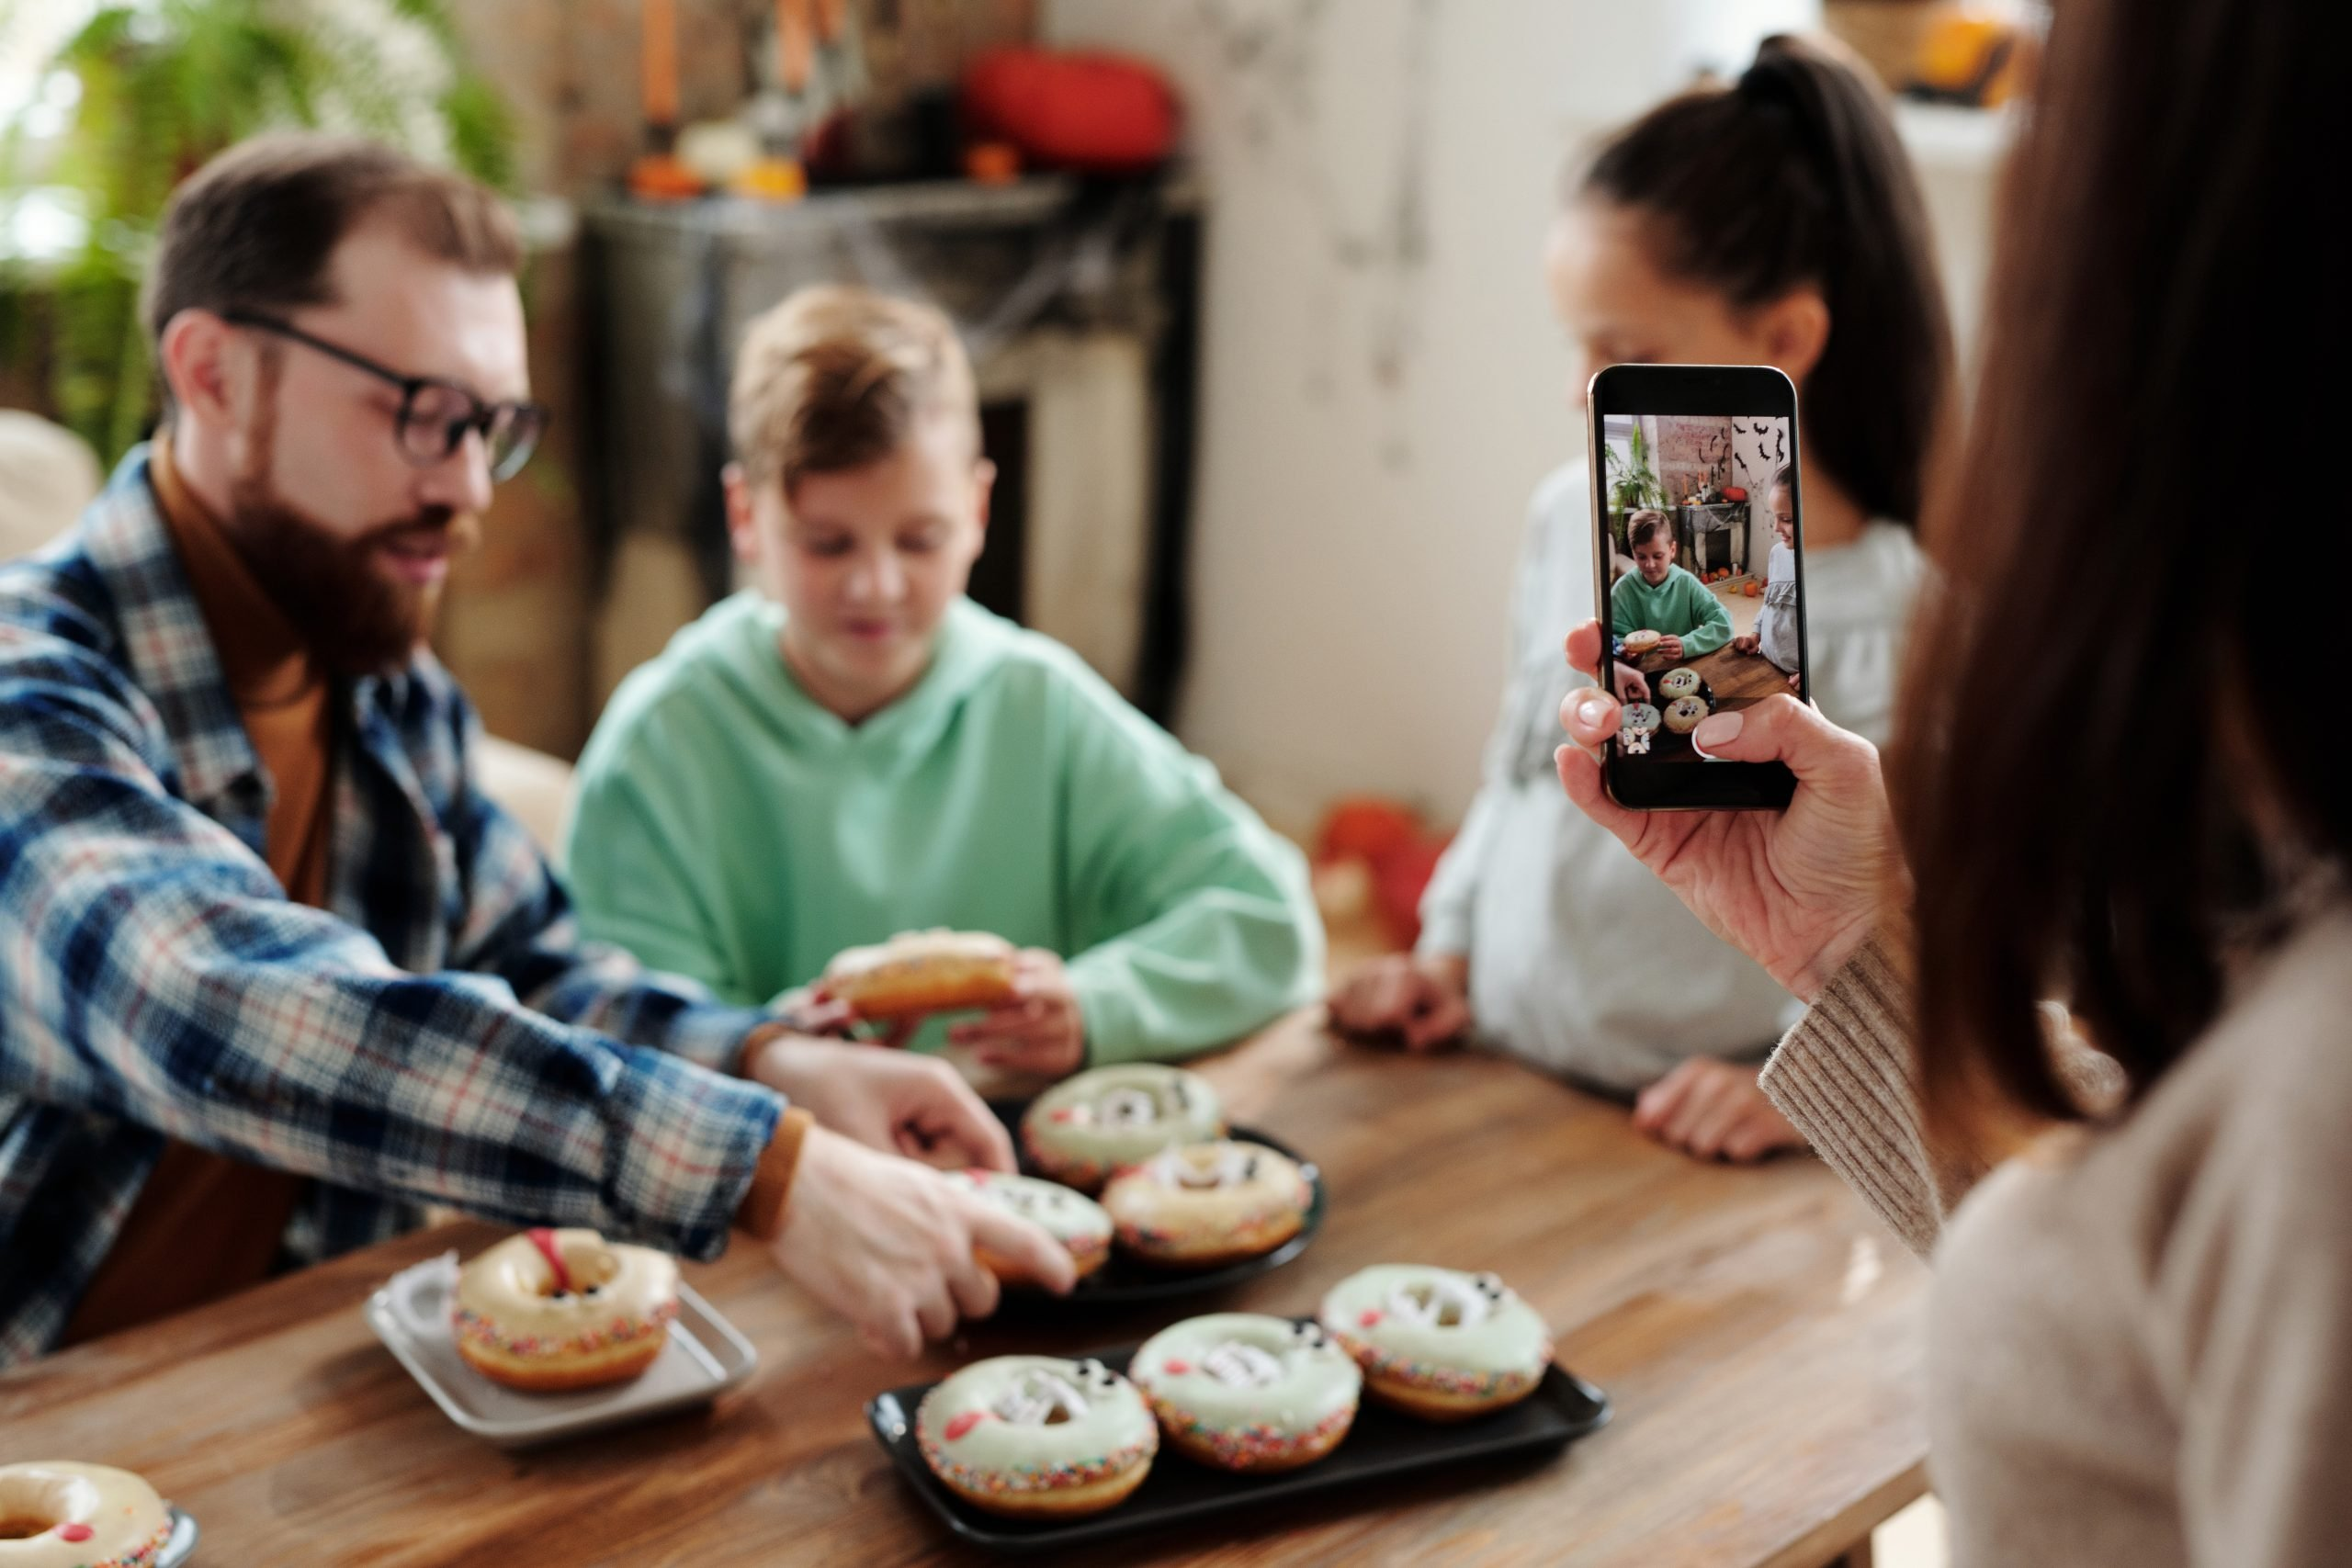 limit sugar intake for kids